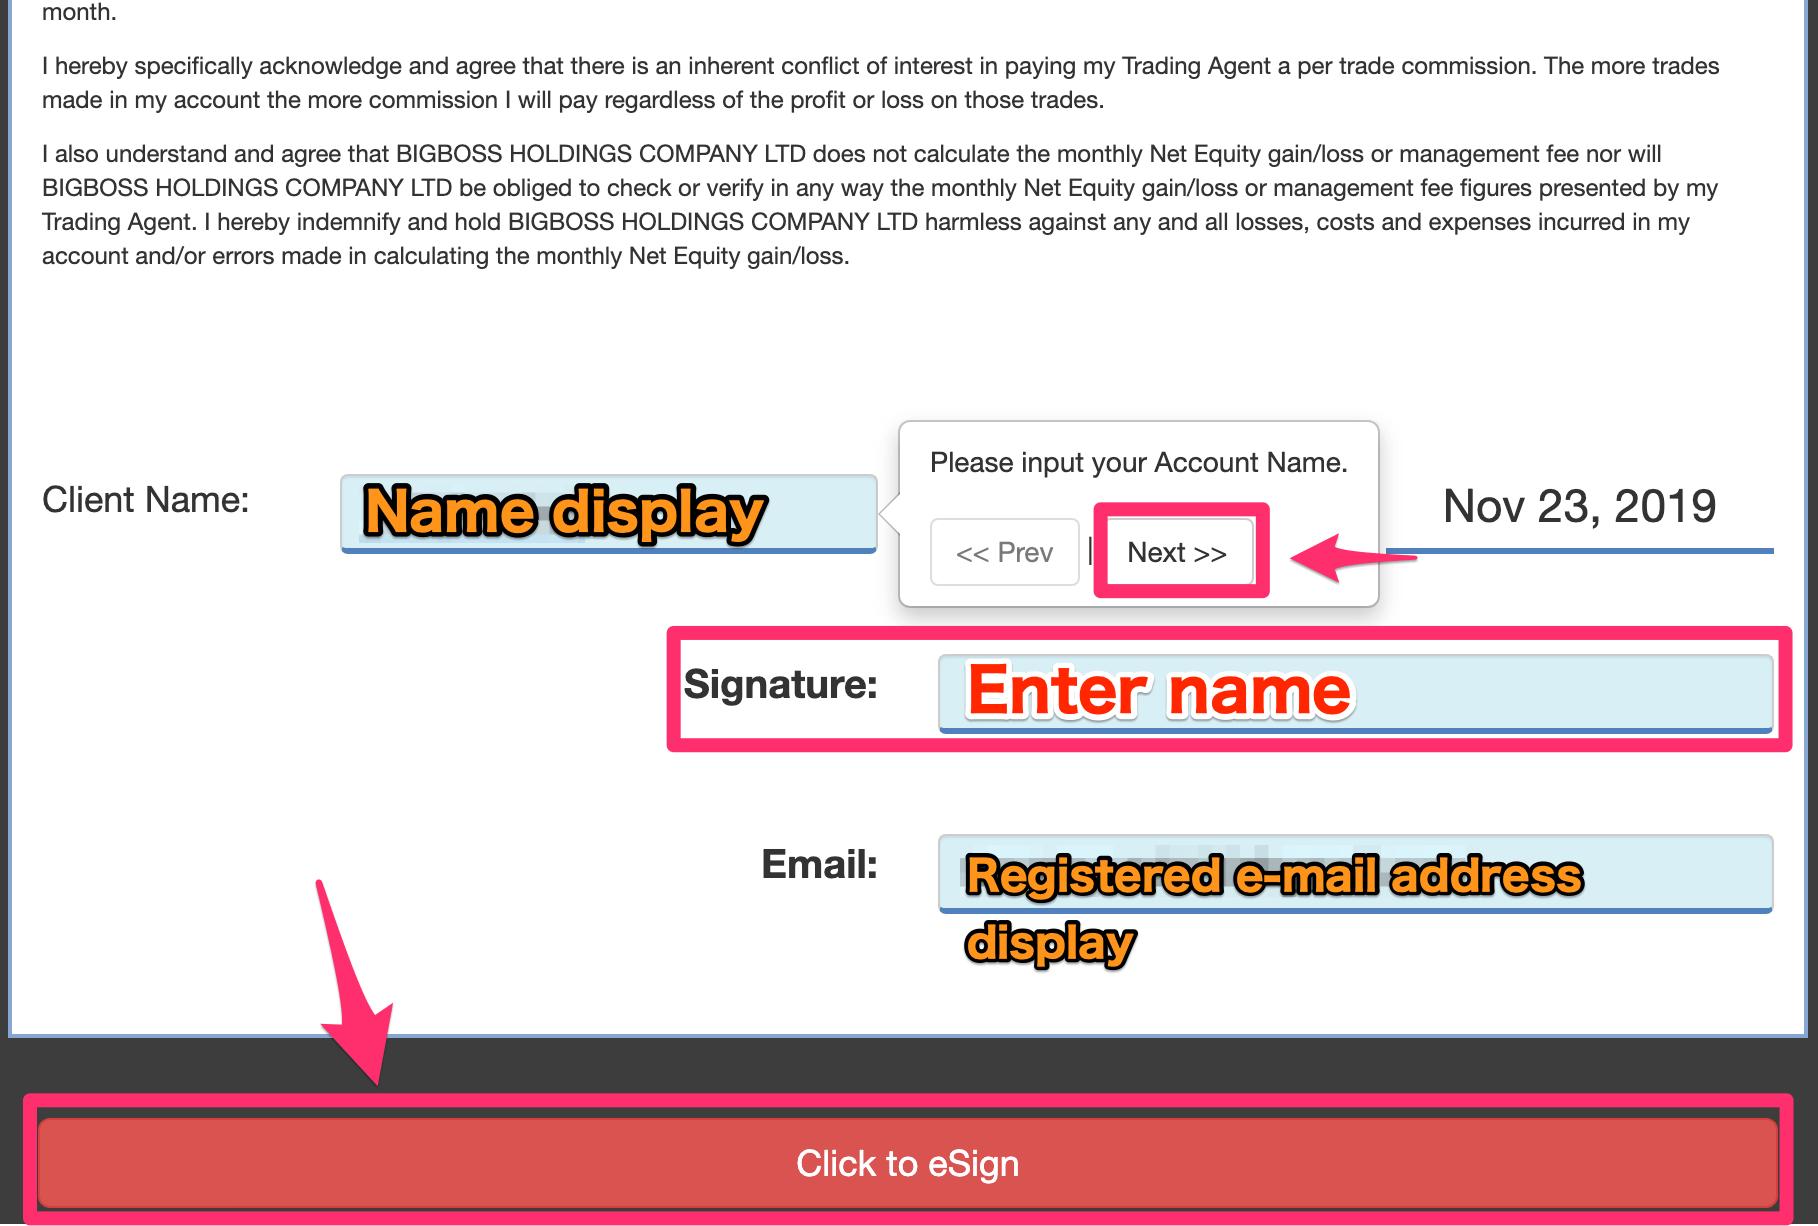 Signature/Confirmation (POA form)